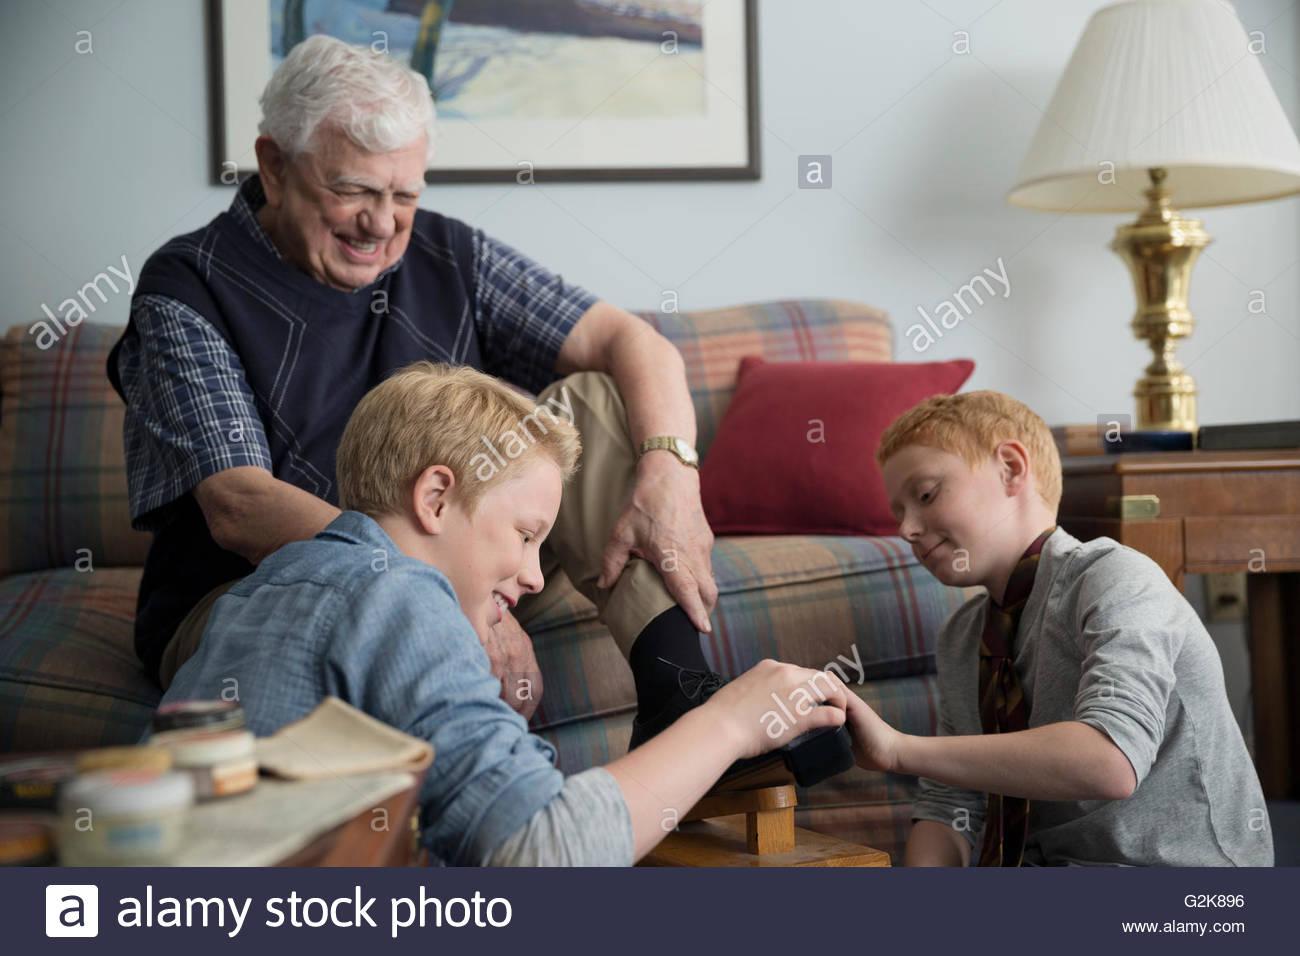 Petits-fils du polissage des chaussures pour grand-père dans la salle de séjour Photo Stock